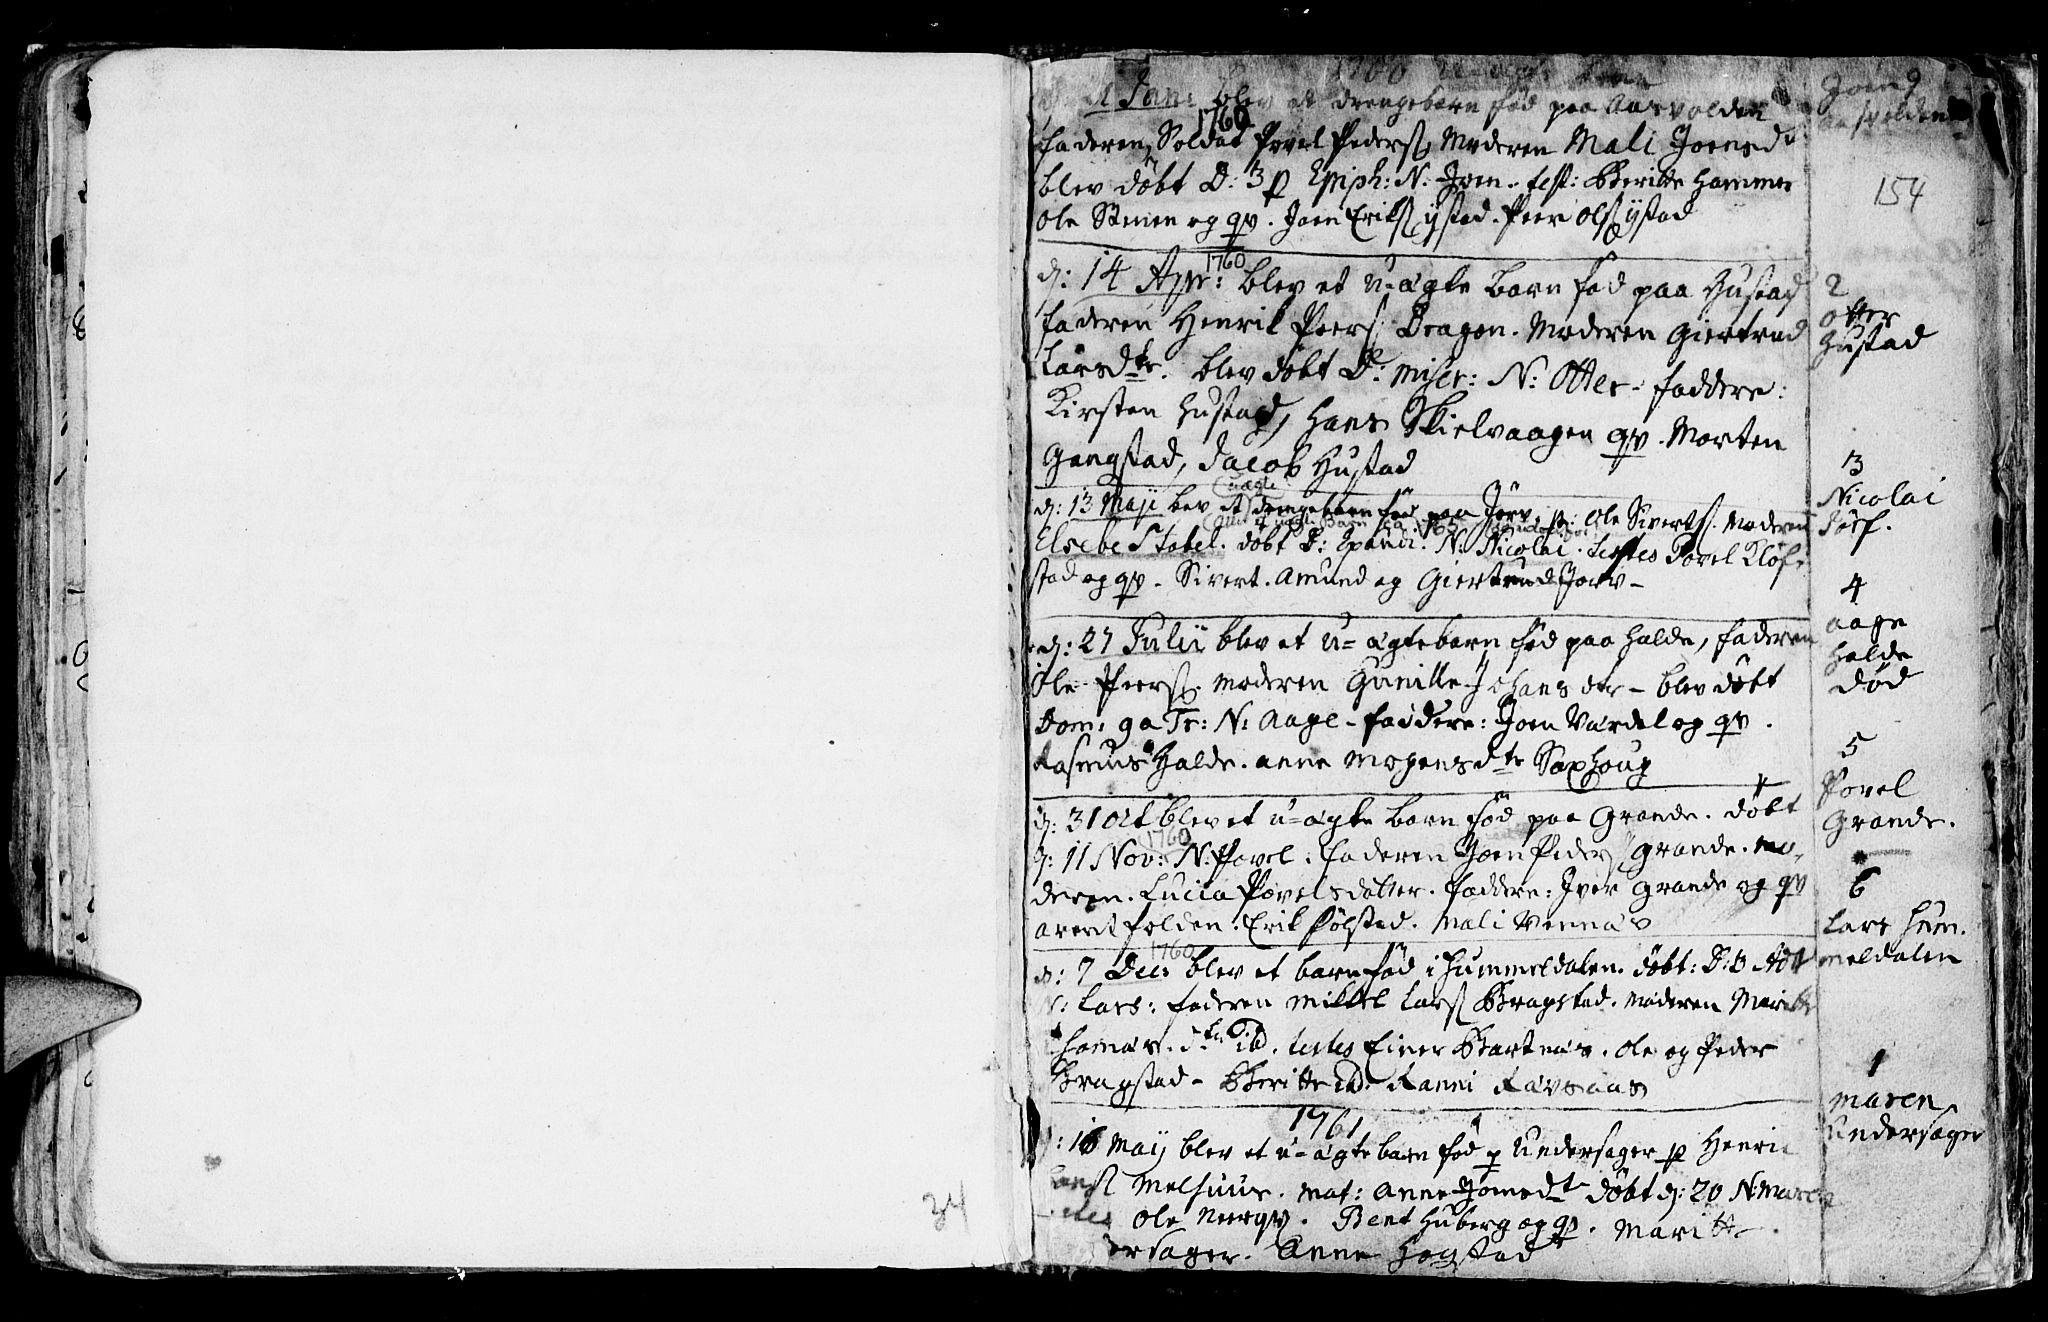 SAT, Ministerialprotokoller, klokkerbøker og fødselsregistre - Nord-Trøndelag, 730/L0272: Ministerialbok nr. 730A01, 1733-1764, s. 154